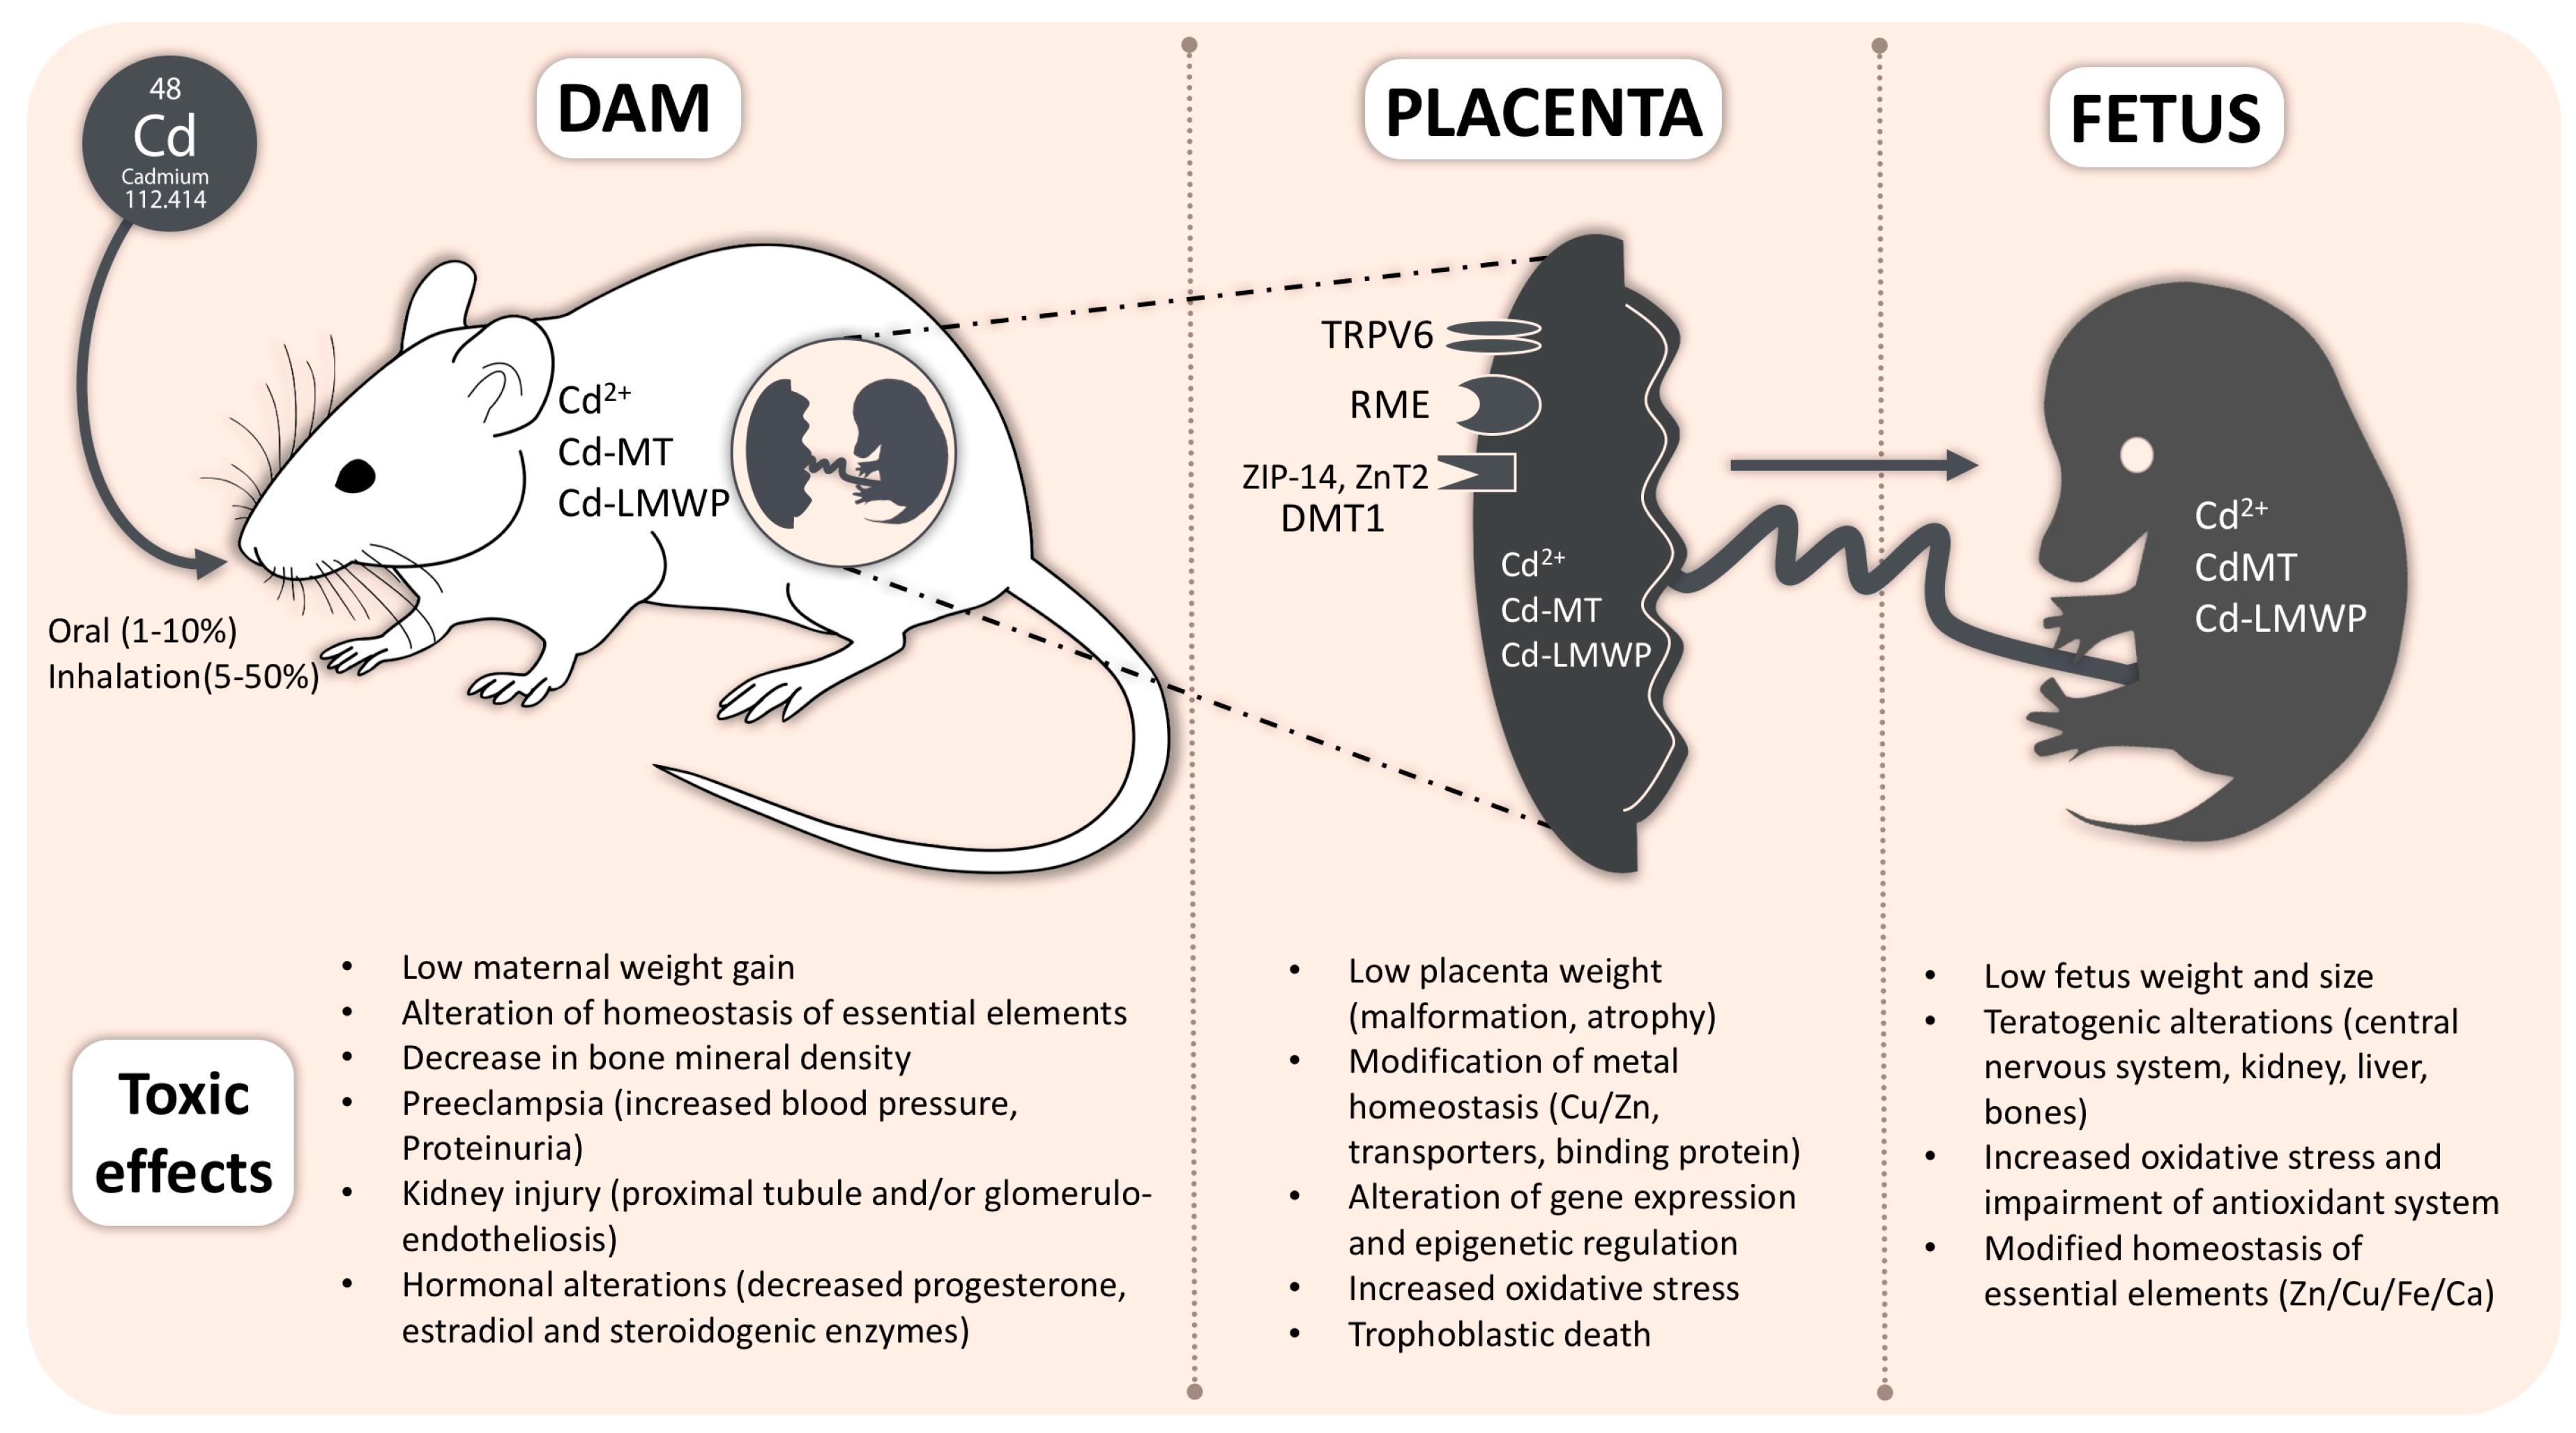 Кадмий токсичен при беременности